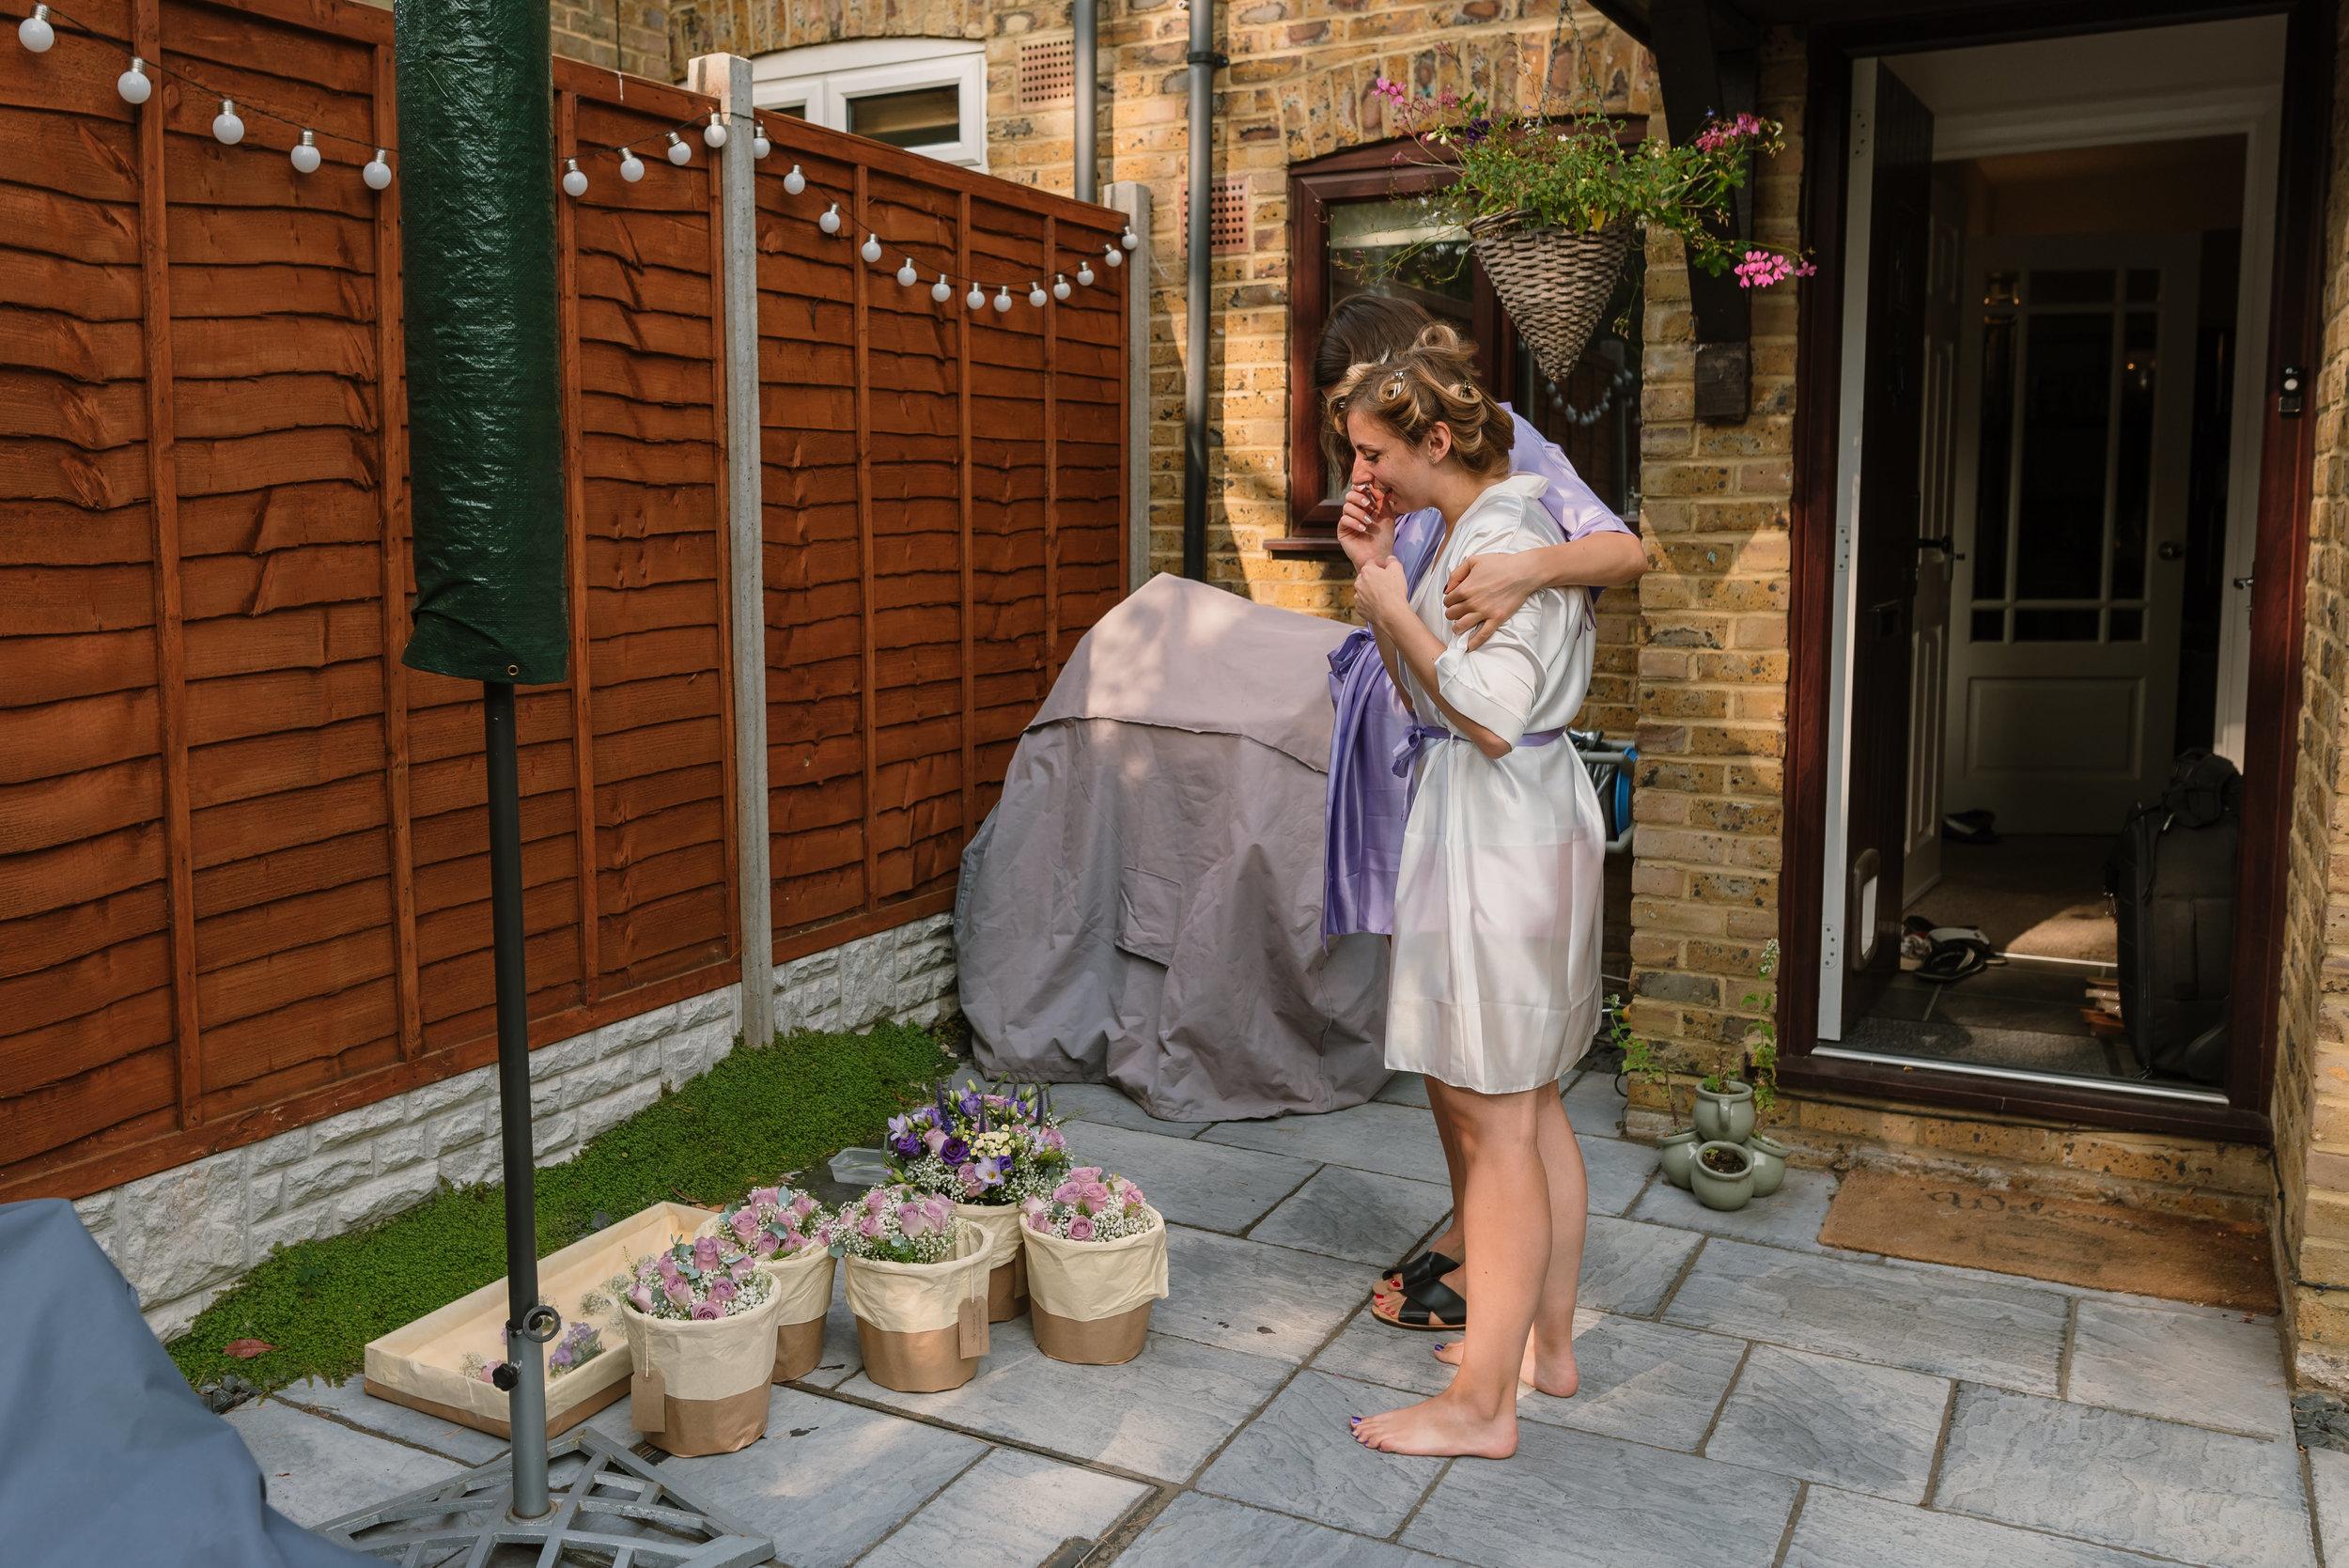 Hampshire Wedding Photographer Hampshire : Ufton-Court-Wedding : Barn-wedding-venue-hampshire : sarah-fishlock-photography : hampshire-barn-wedding-31.jpg